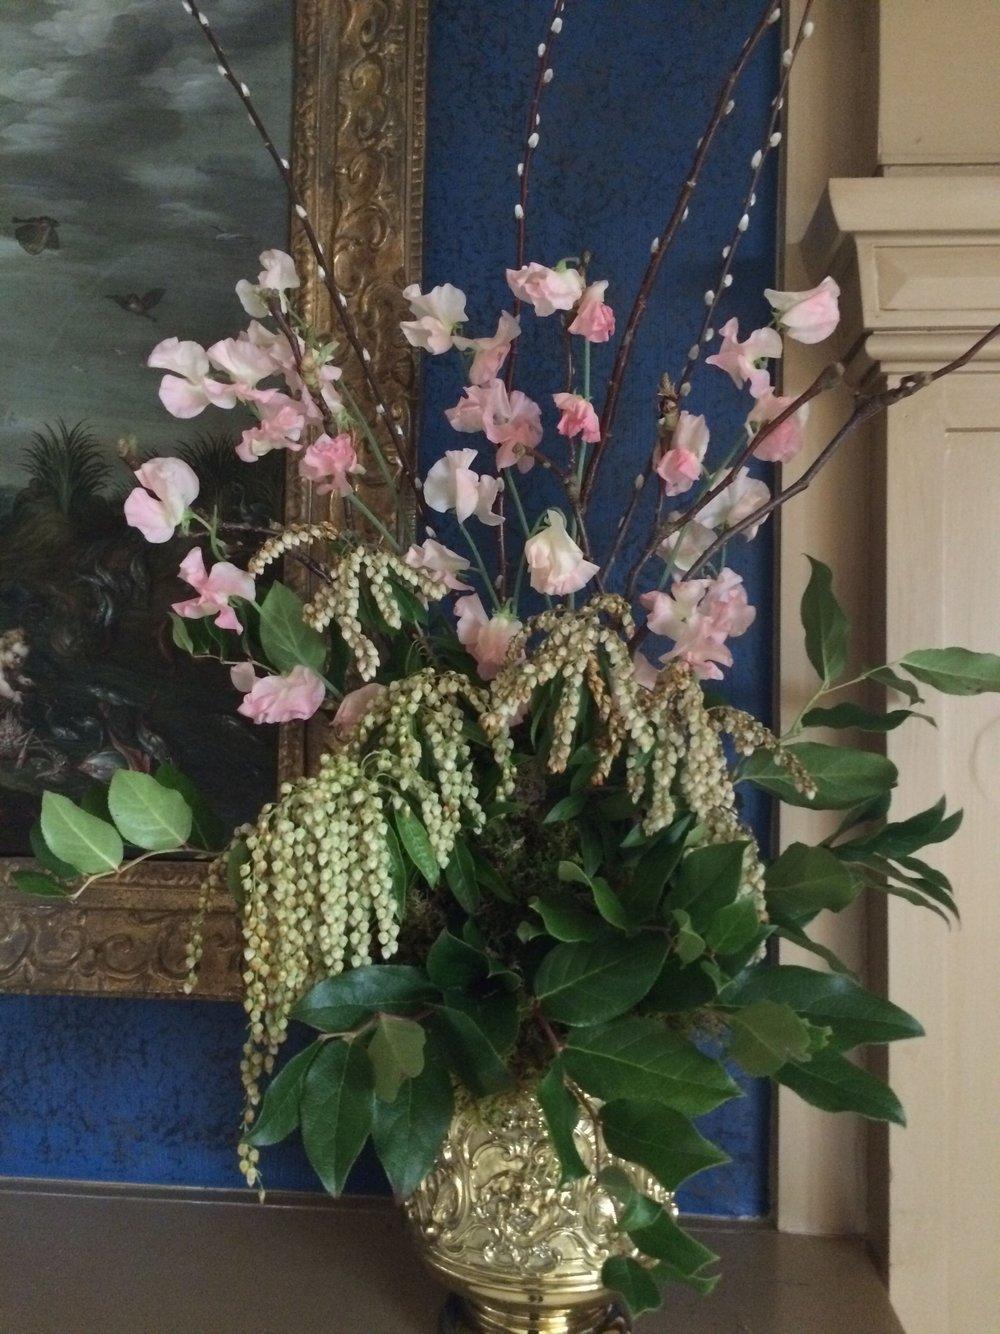 Royals Flowers Mantle.jpg